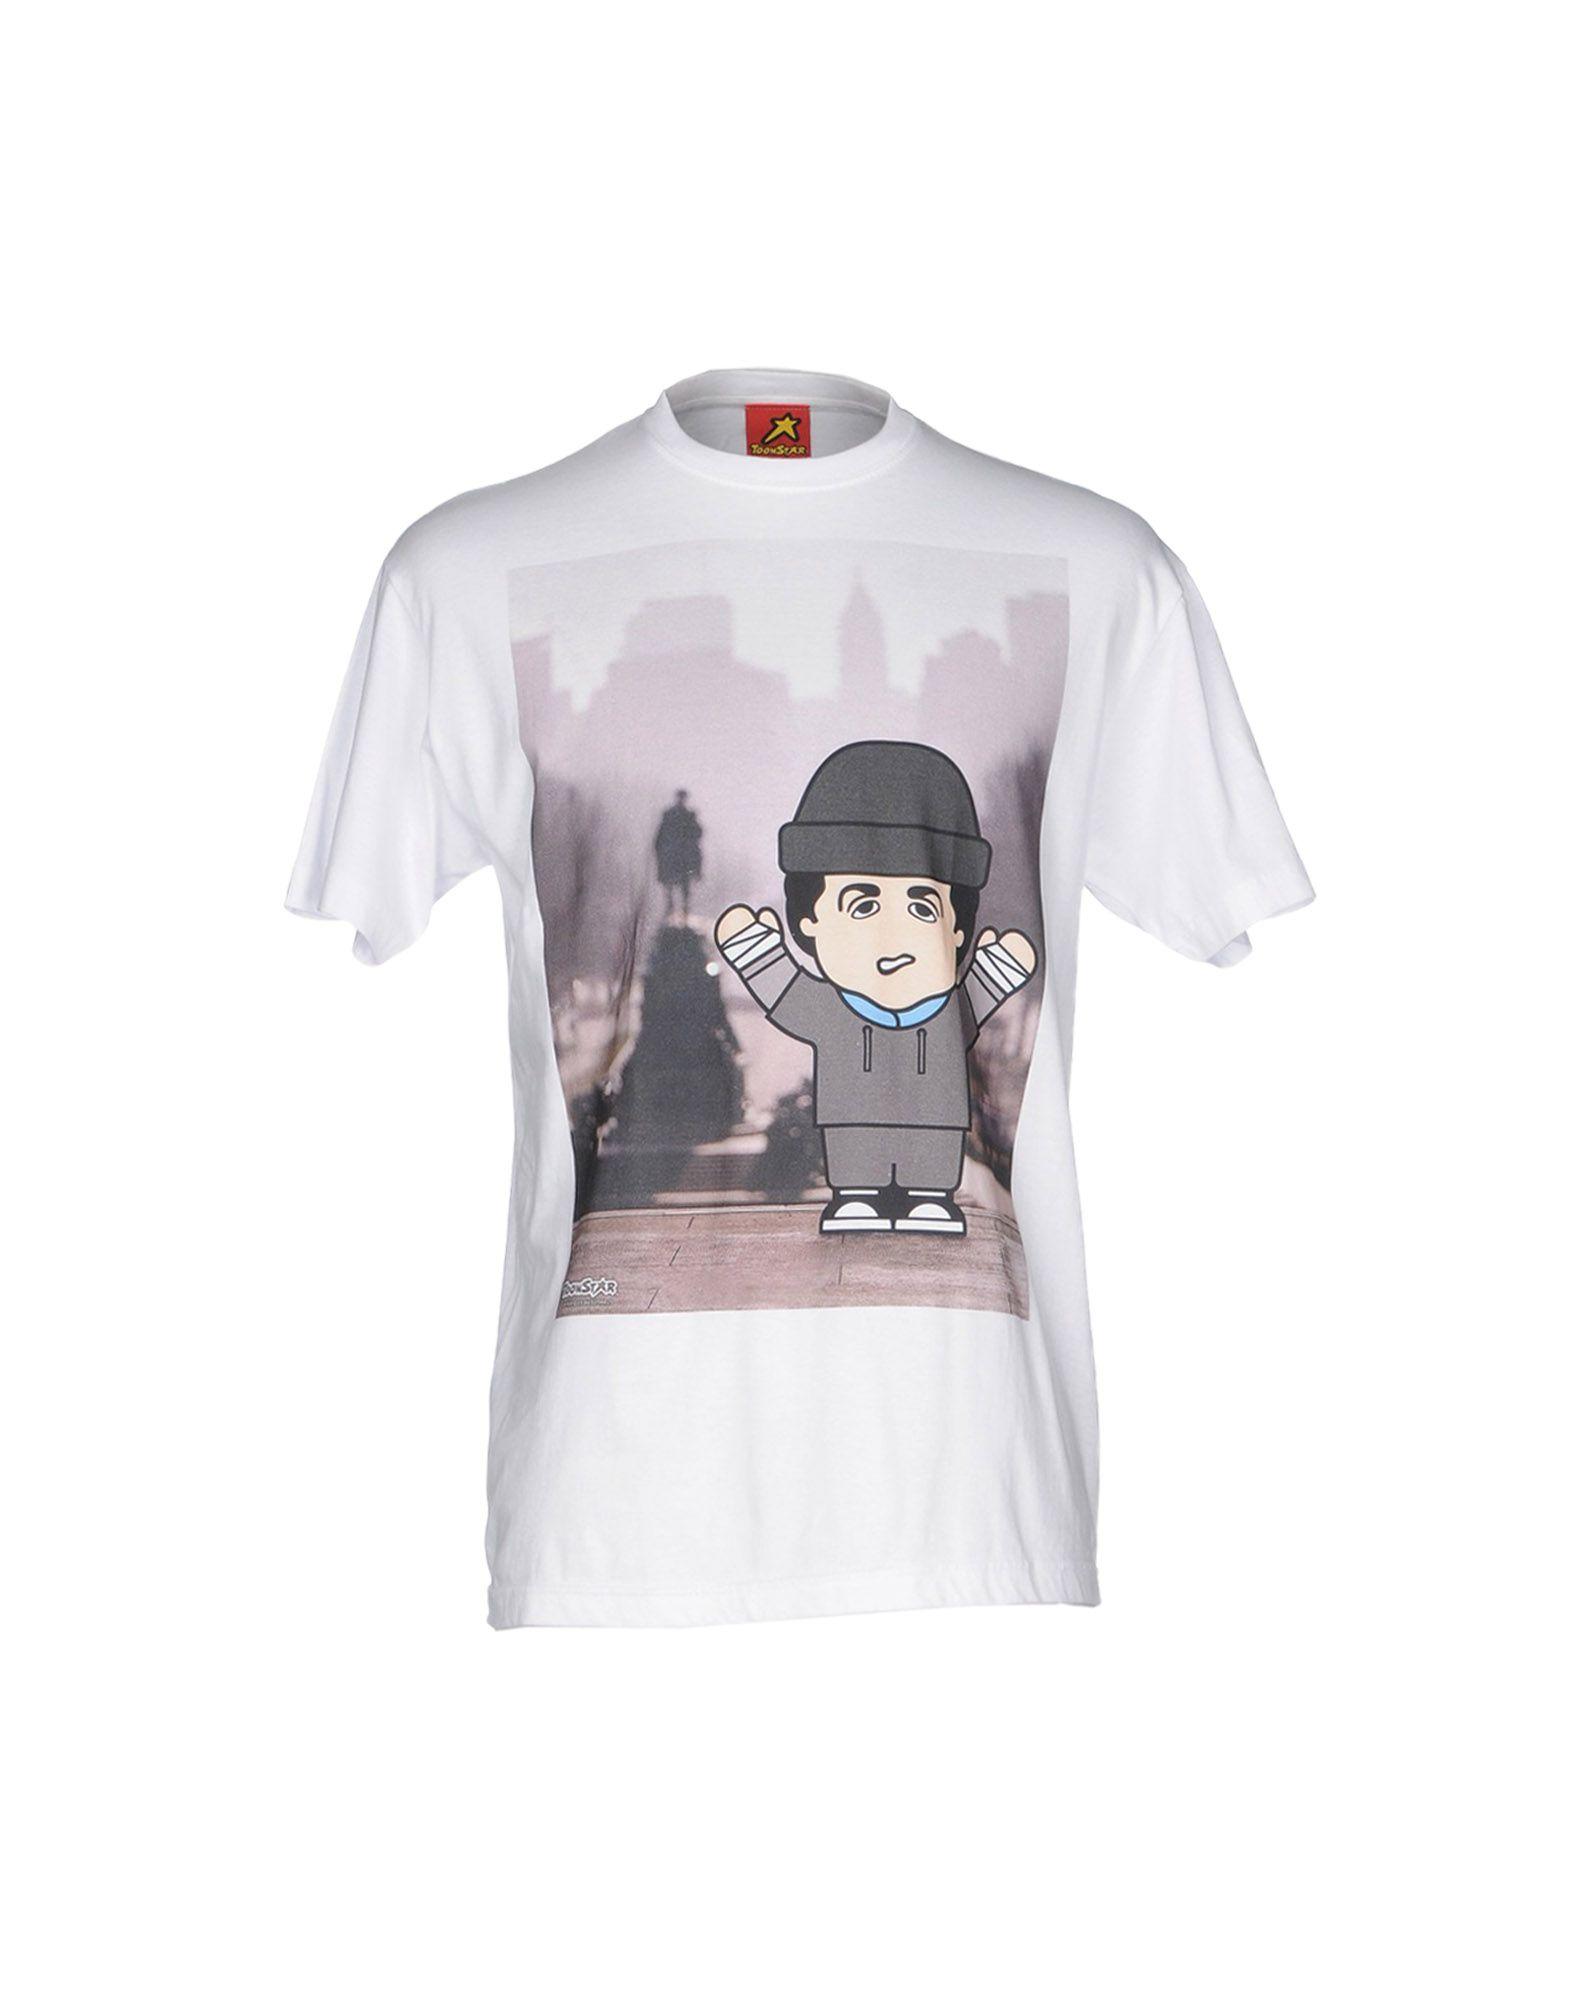 'TOON STAR T-shirts